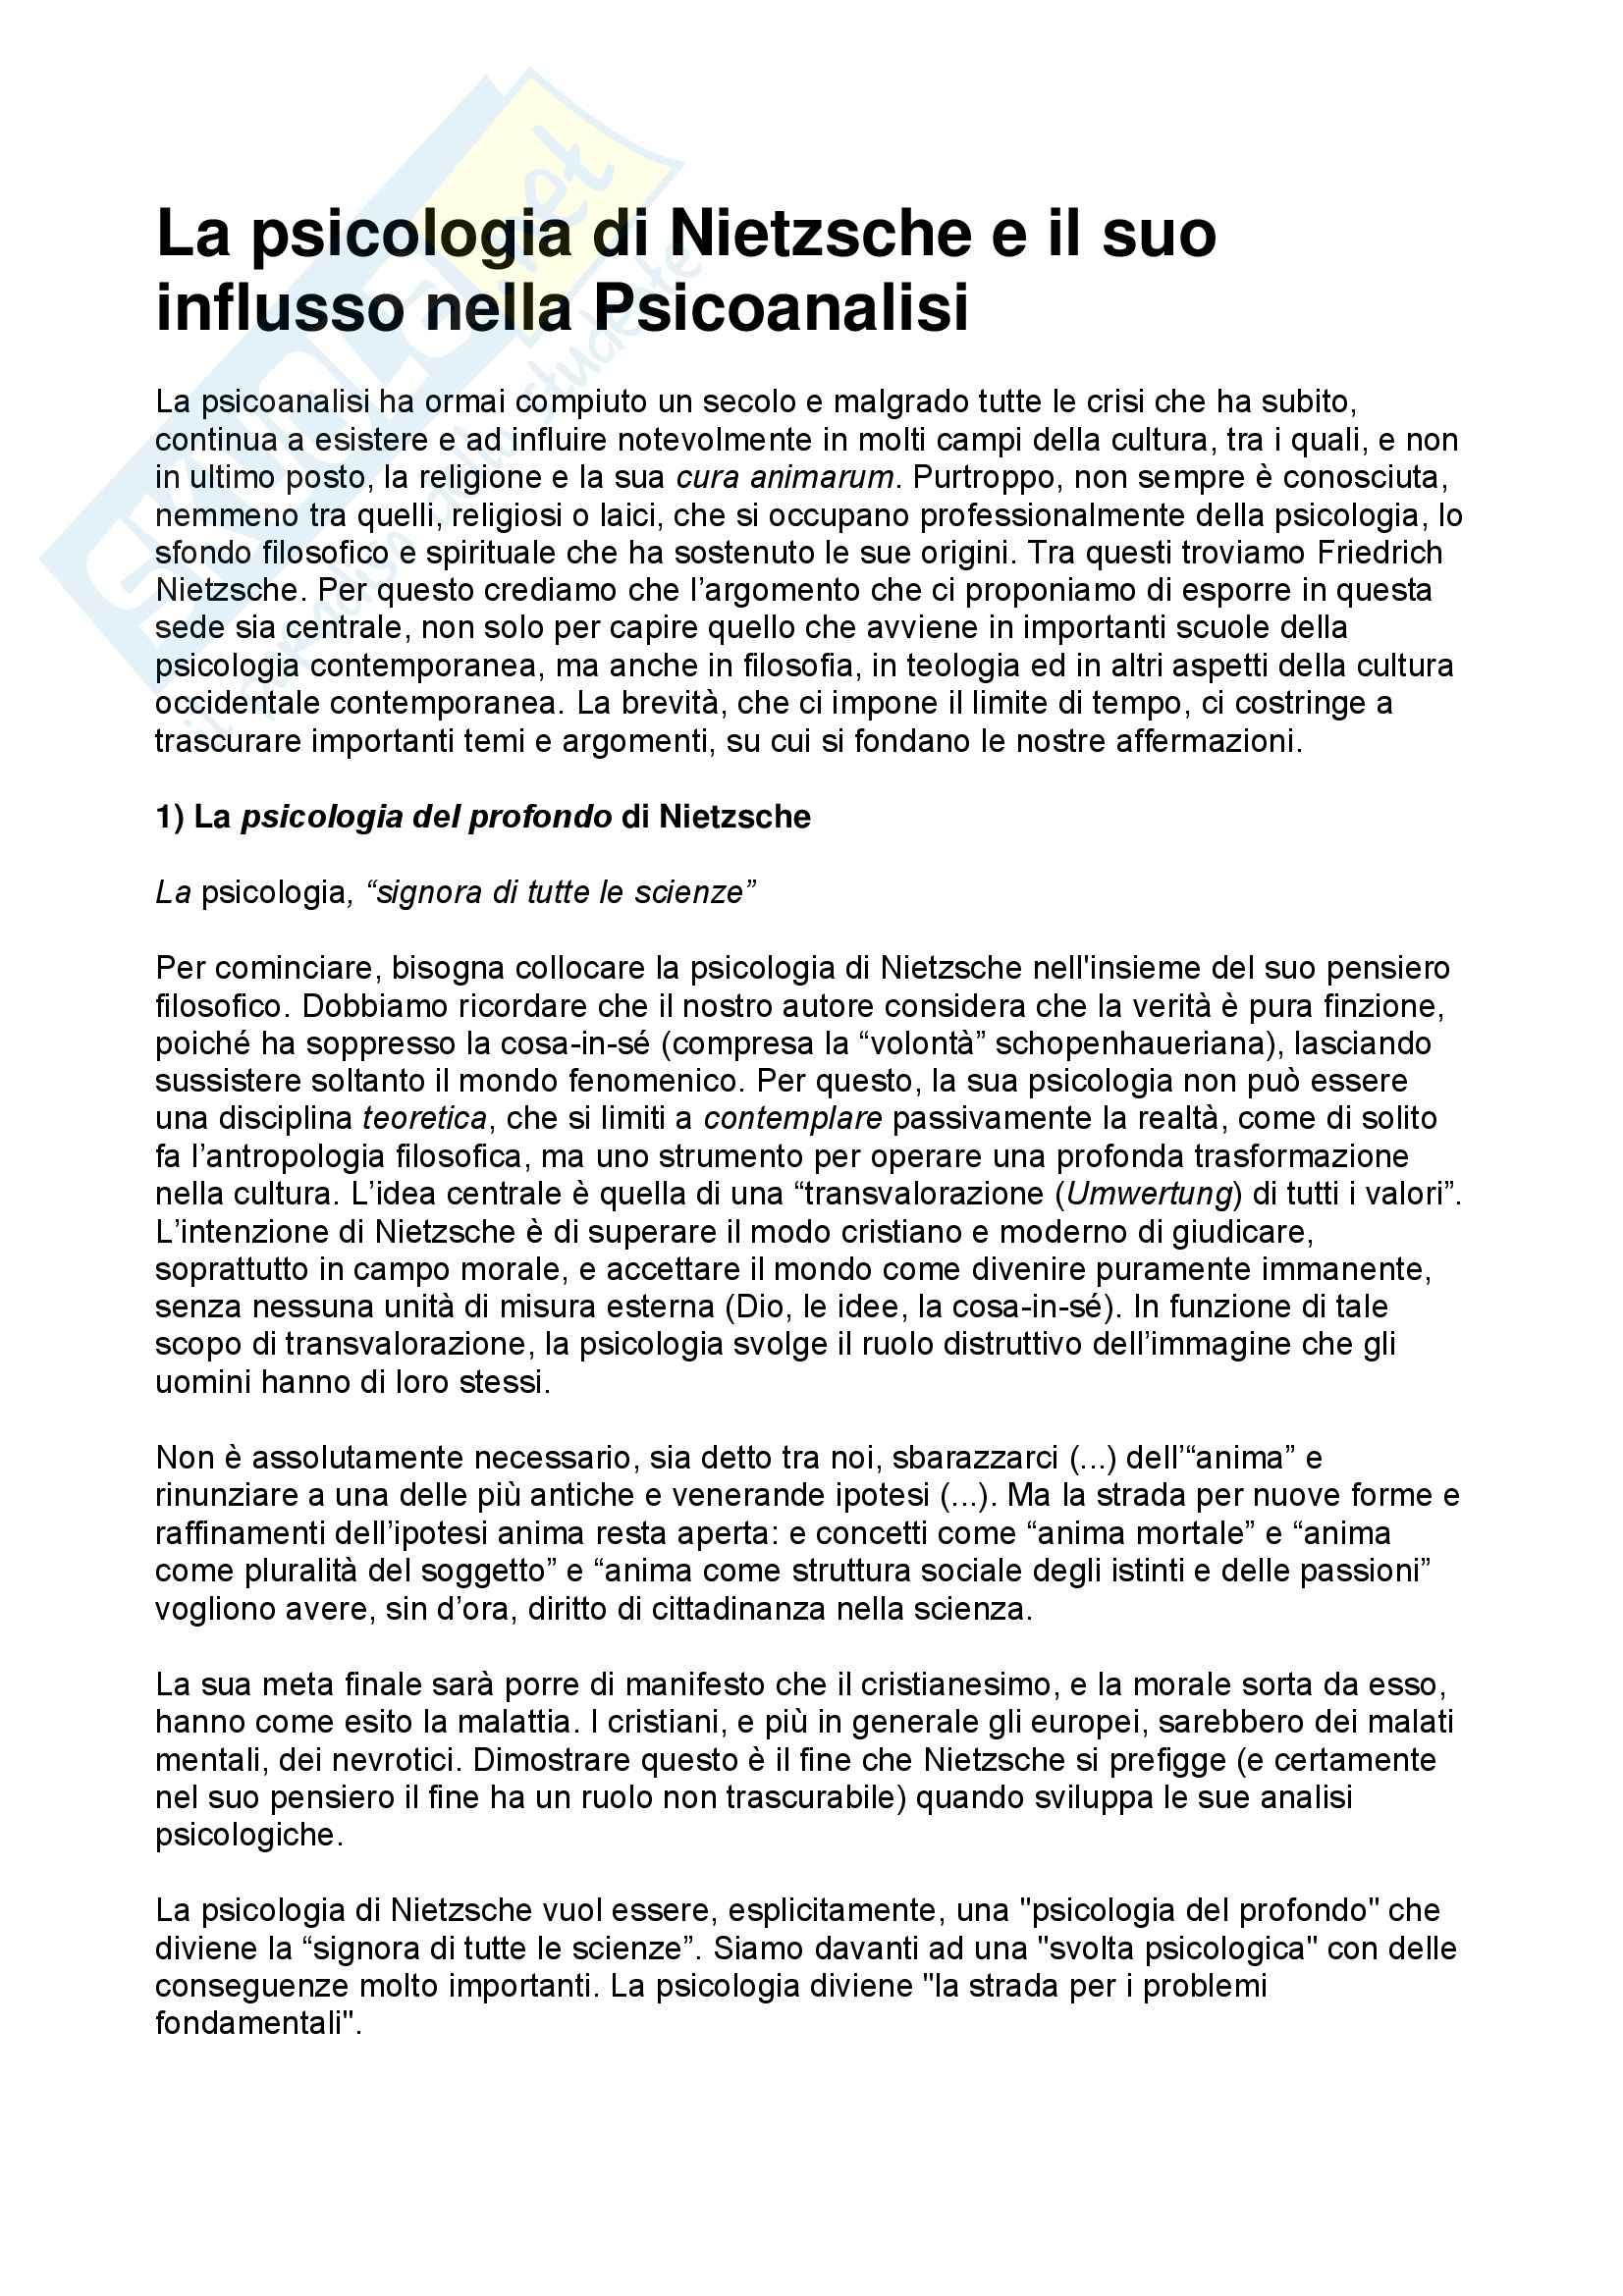 Epistemologia delle scienze umane – La psicologia di Nietzsche